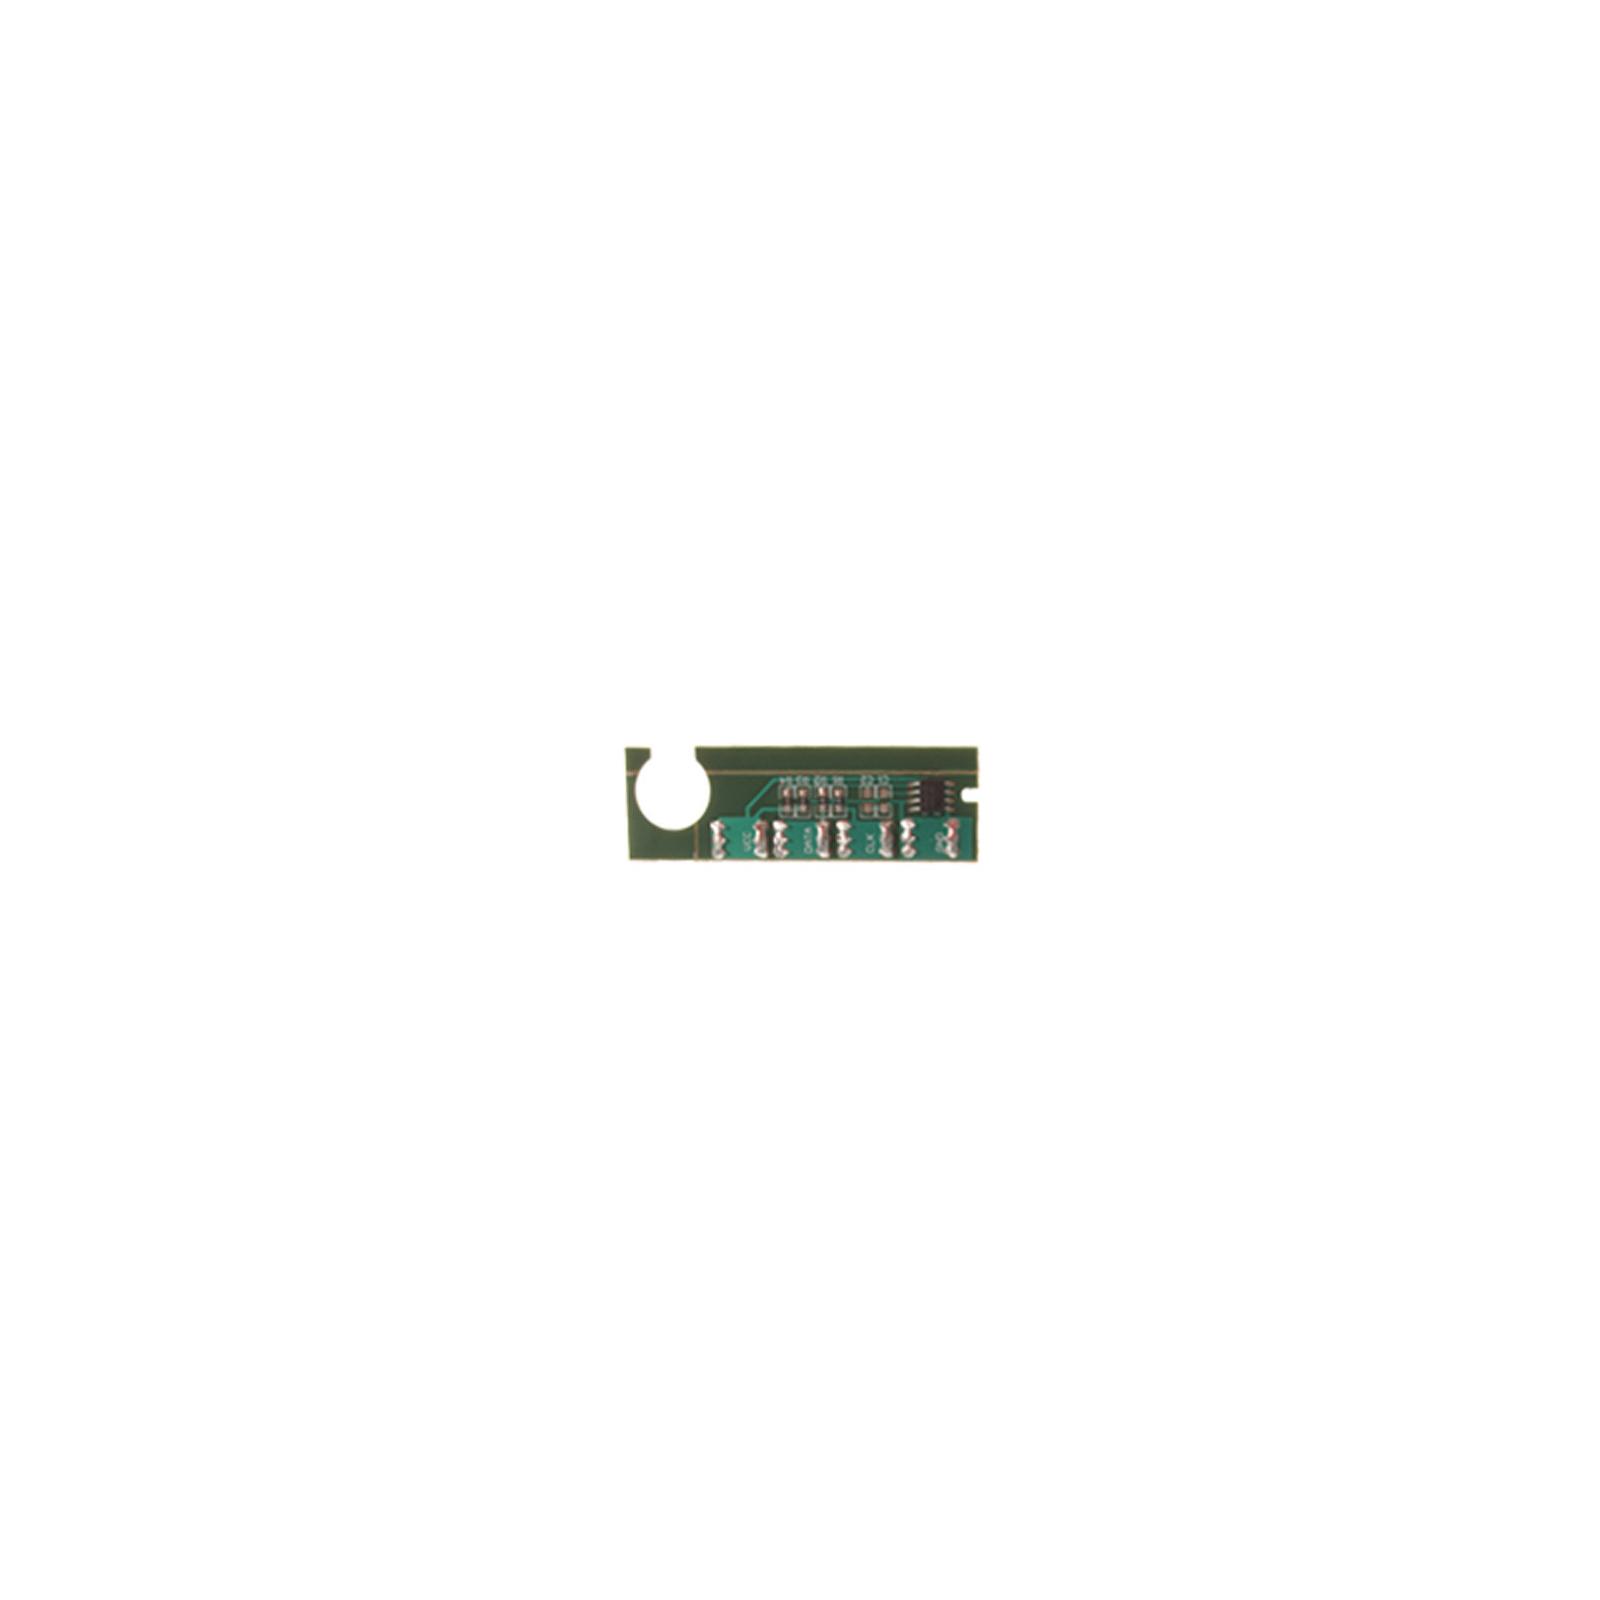 Чип для картриджа SAMSUNG SCX- 4200/4220 WWM (CS4200)